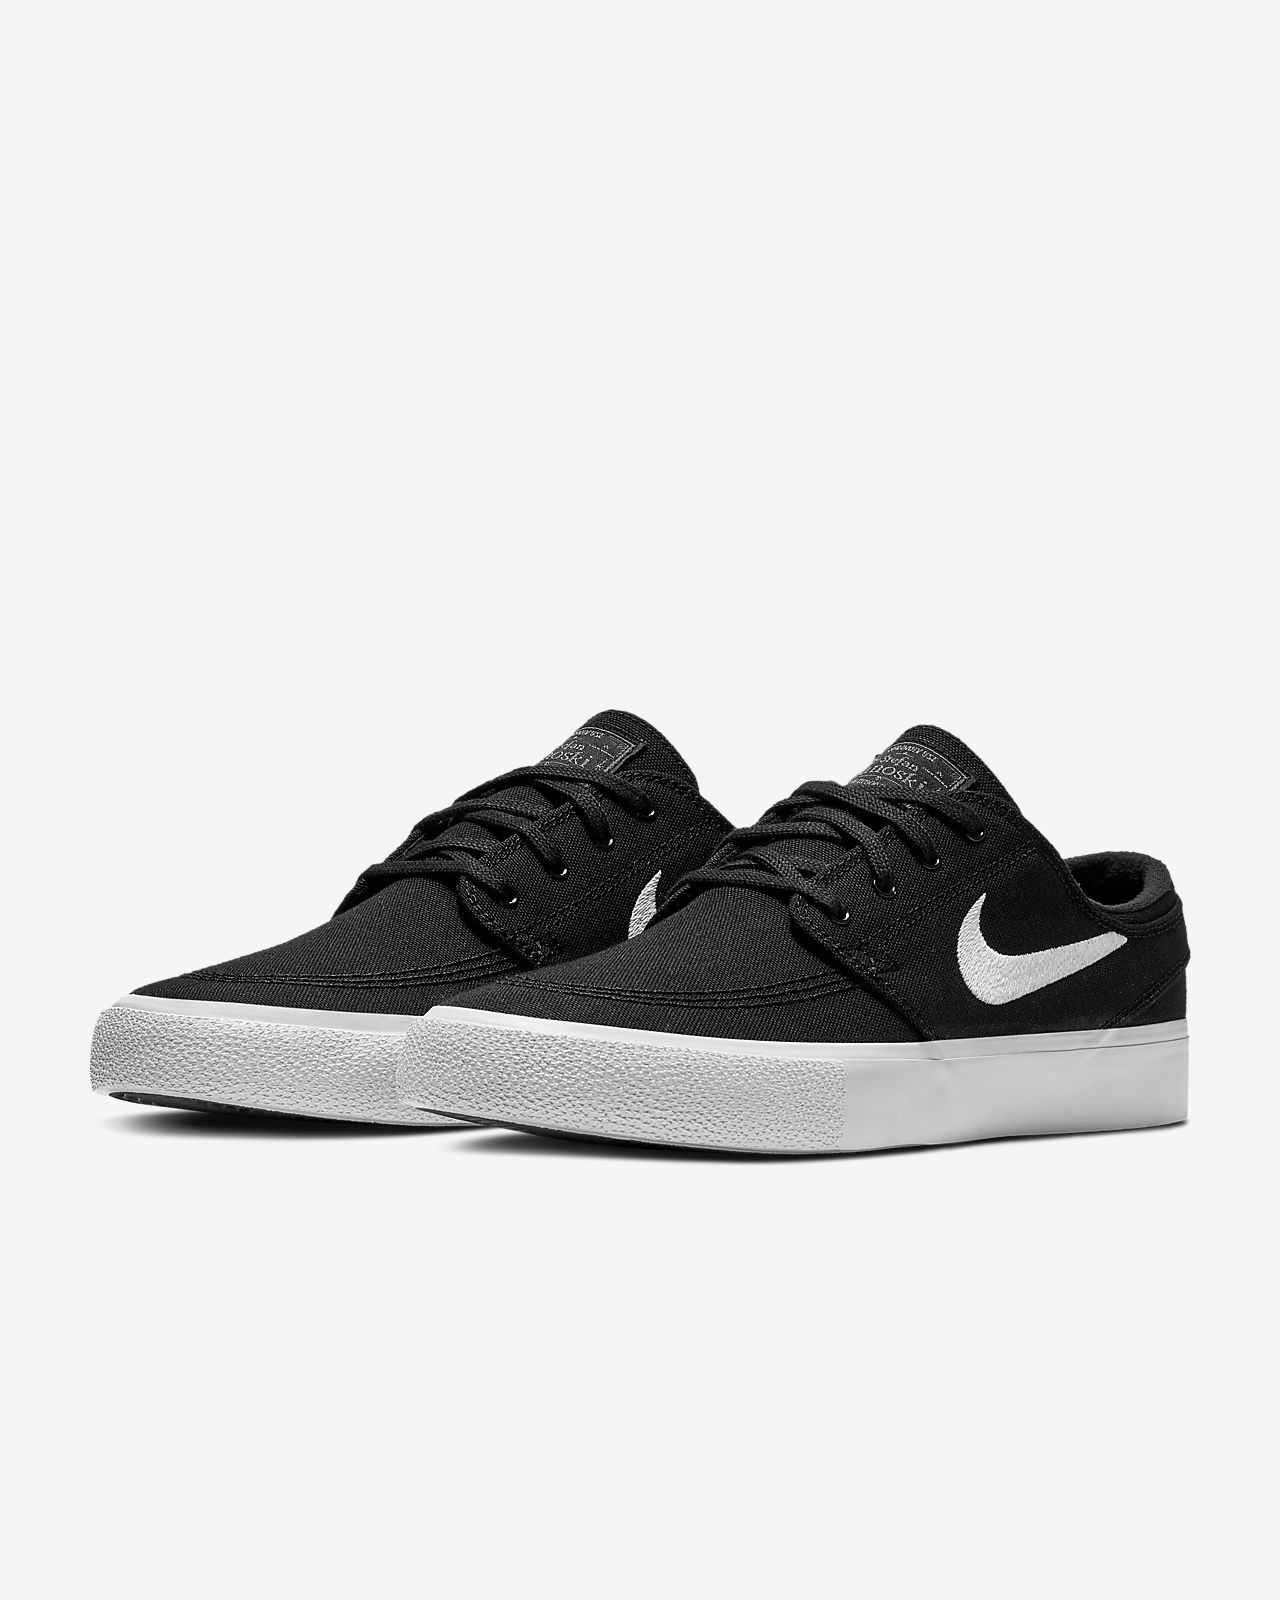 detailed look 69937 f460a ... Nike SB Zoom Janoski Canvas RM Skate Shoe